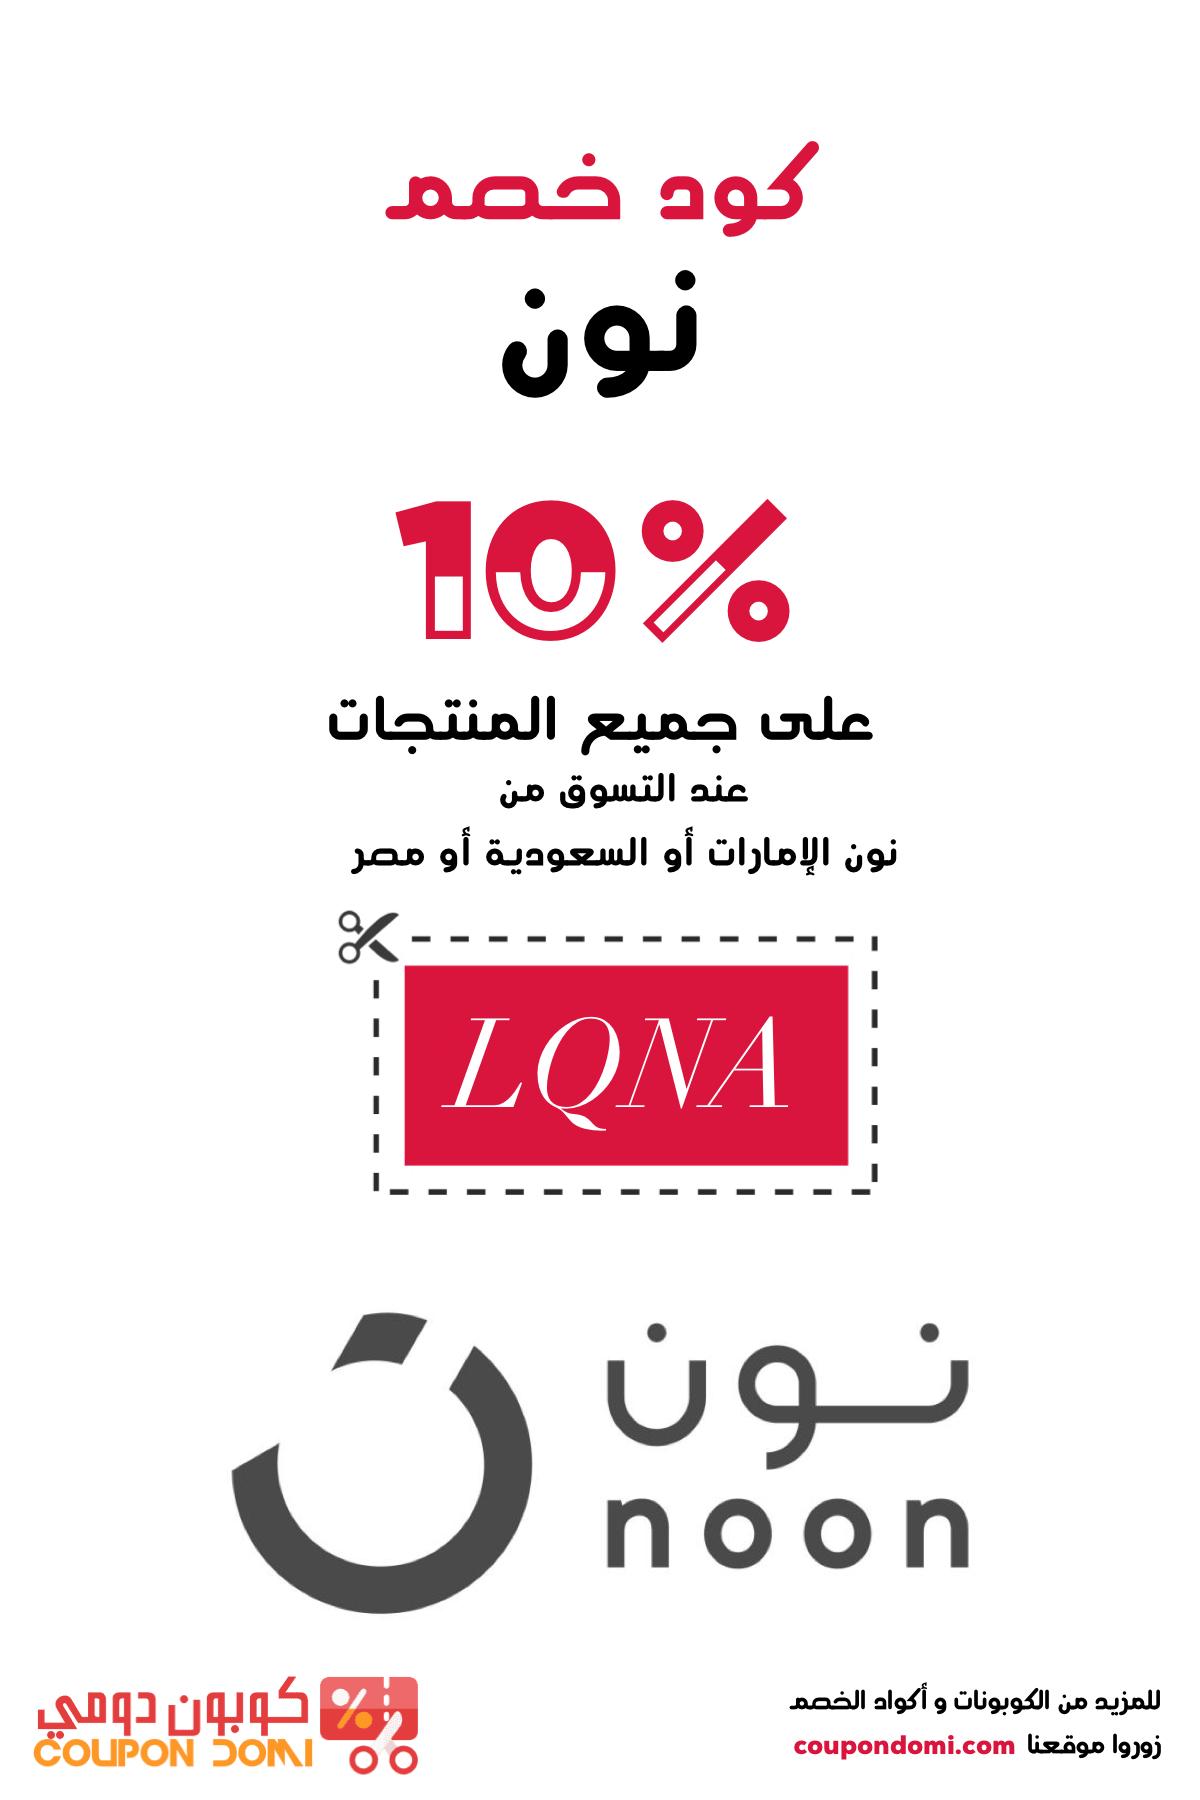 كوبون نون 10 على كافة المنتجات من Noon السعودية أو الإمارات أو مصر Tech Company Logos Company Logo Logos